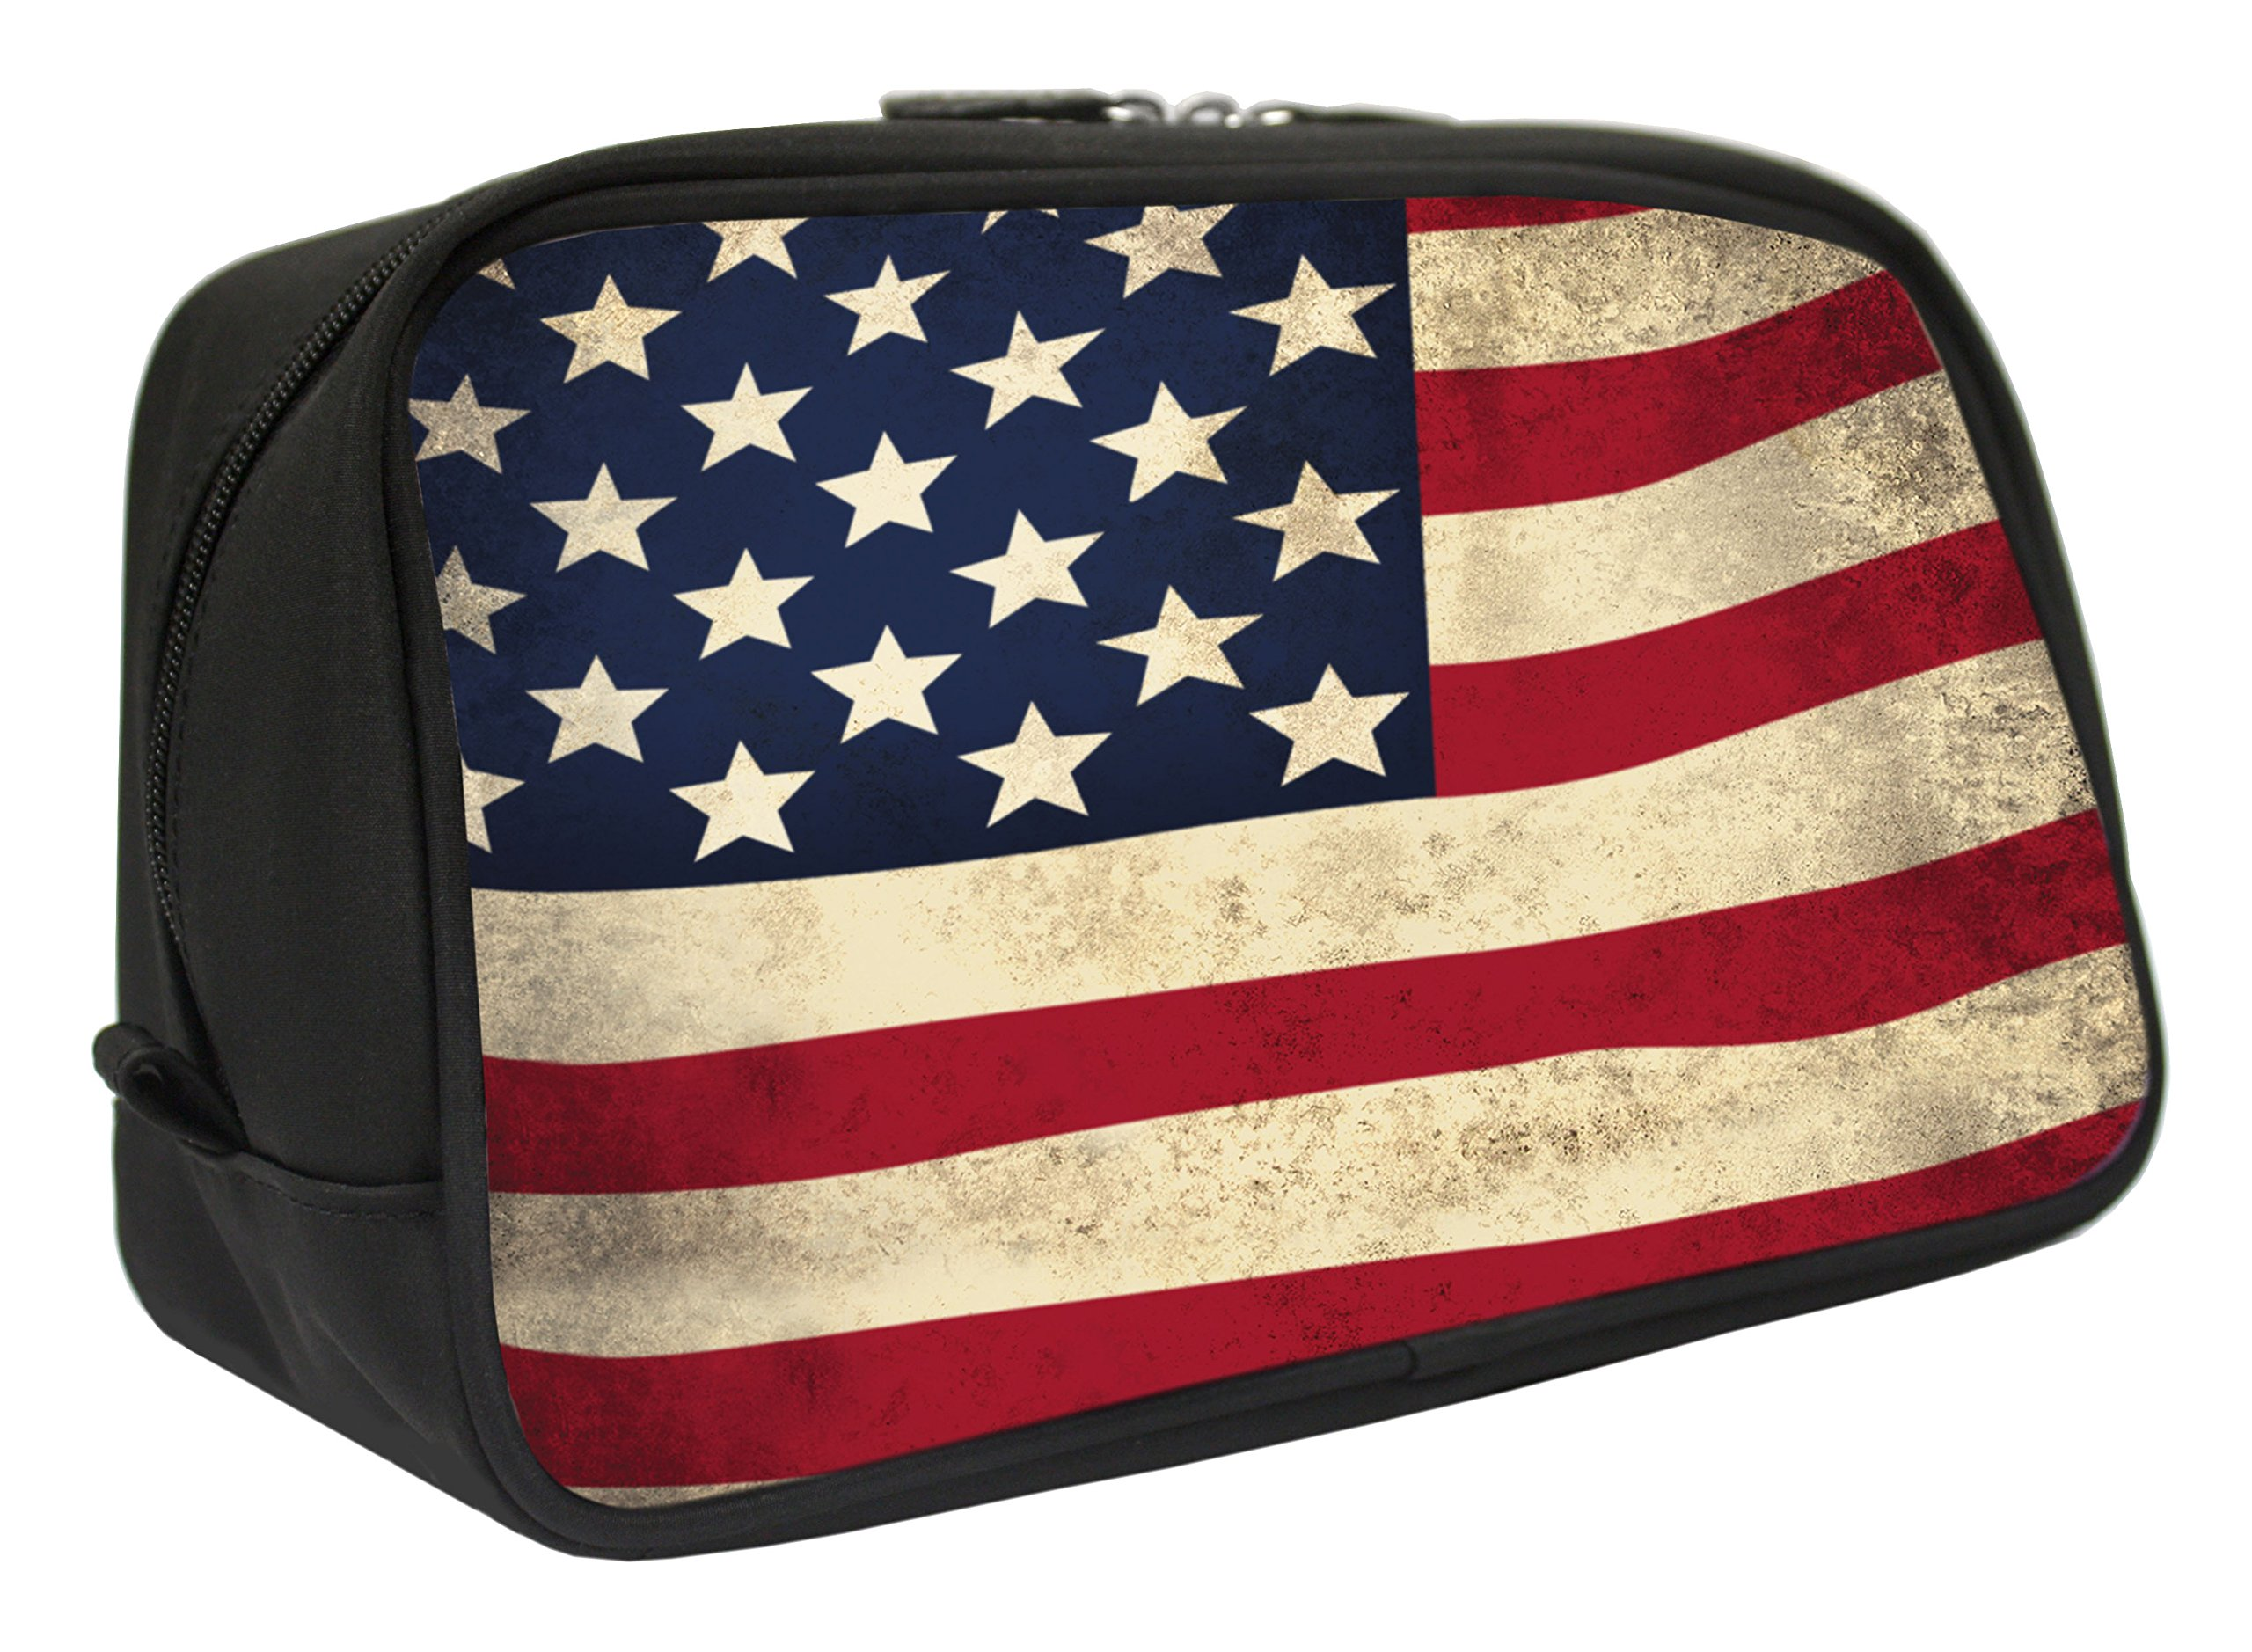 Snaptotes American Flag Design Travel Toiletry Bag Shaving Dopp Kit